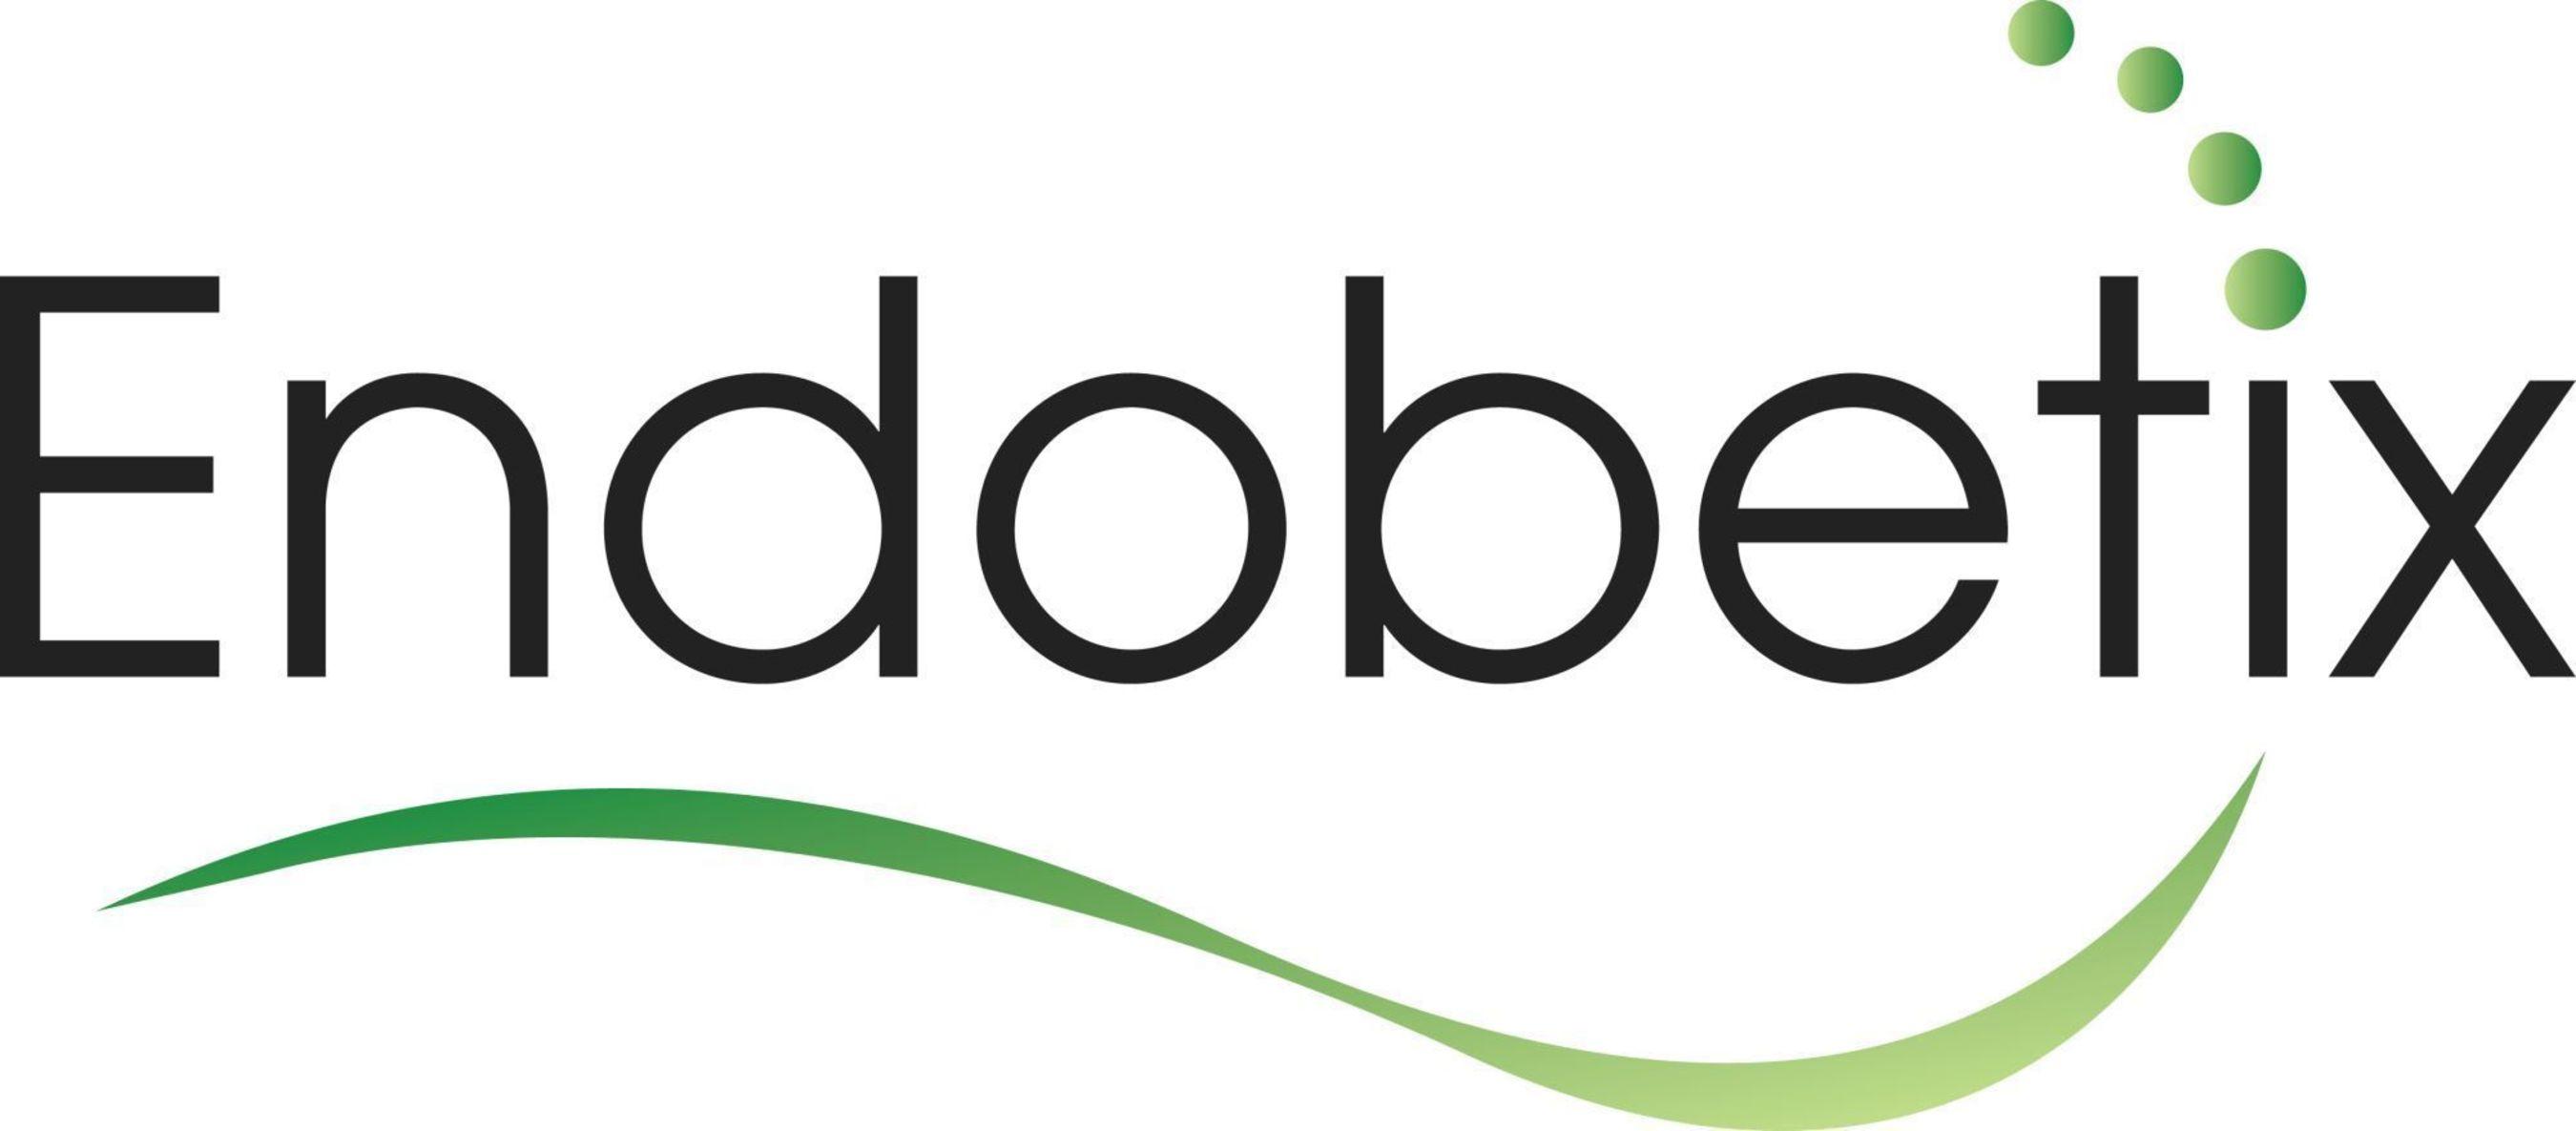 Endobetix Logo (PRNewsFoto/Endobetix Ltd.)